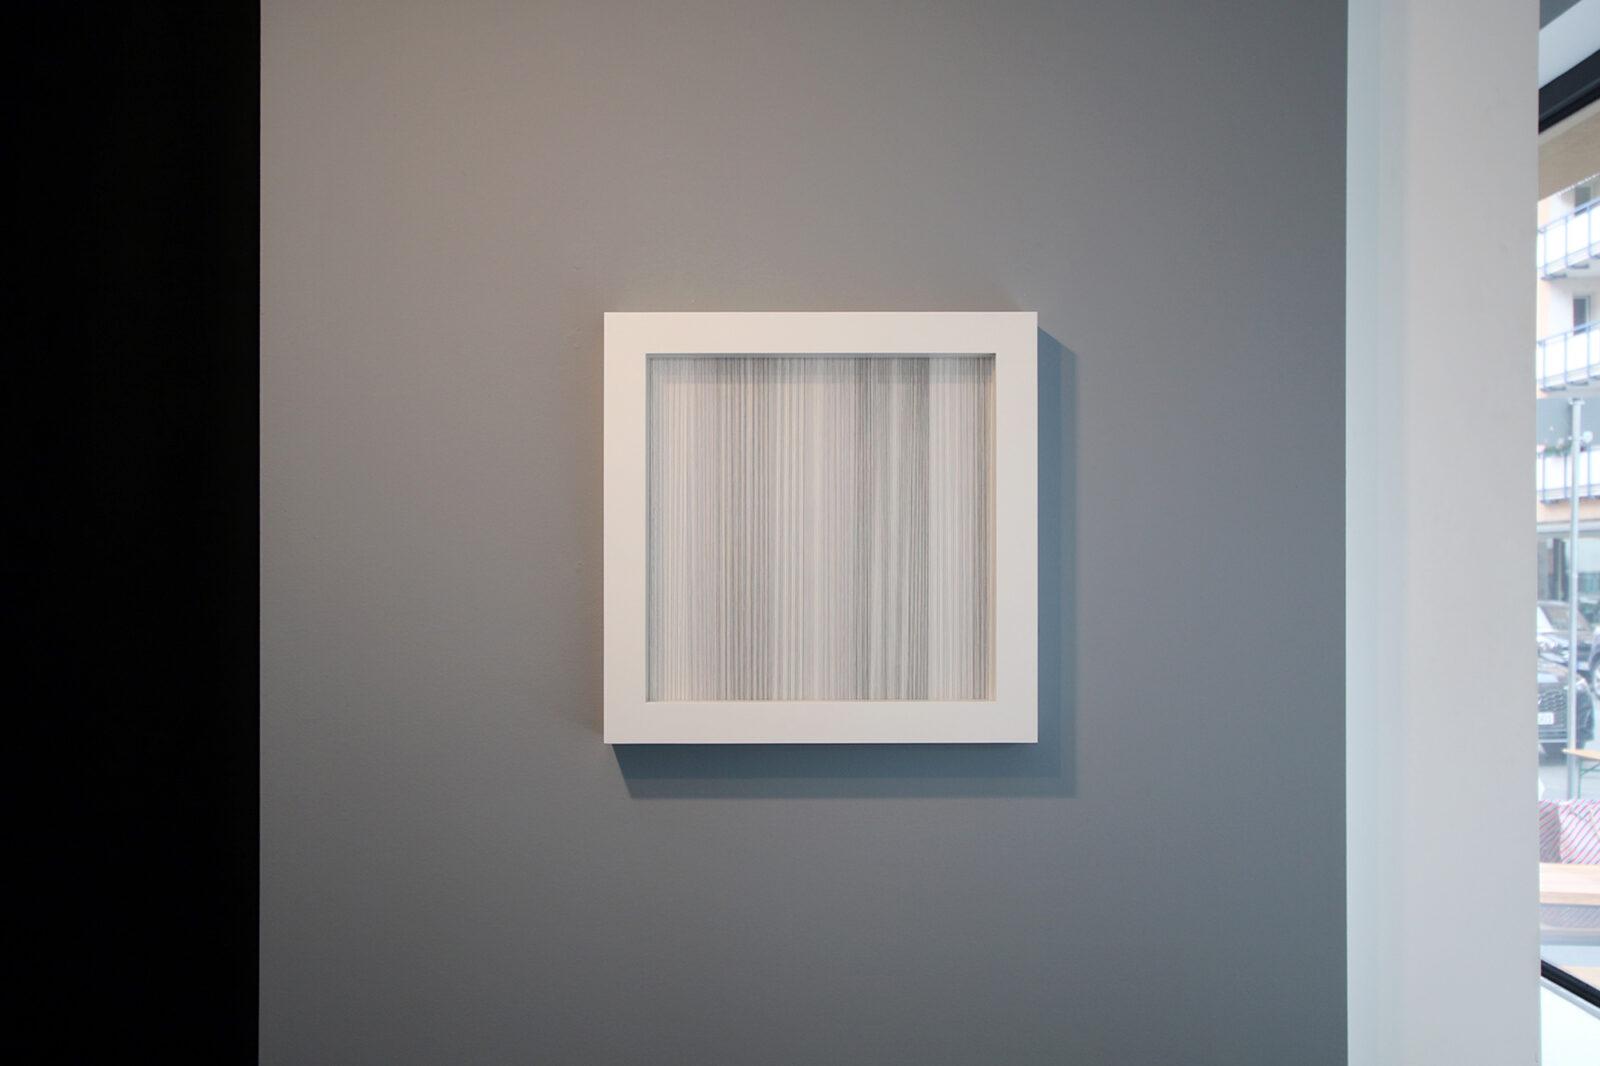 Galerie Maurer 6